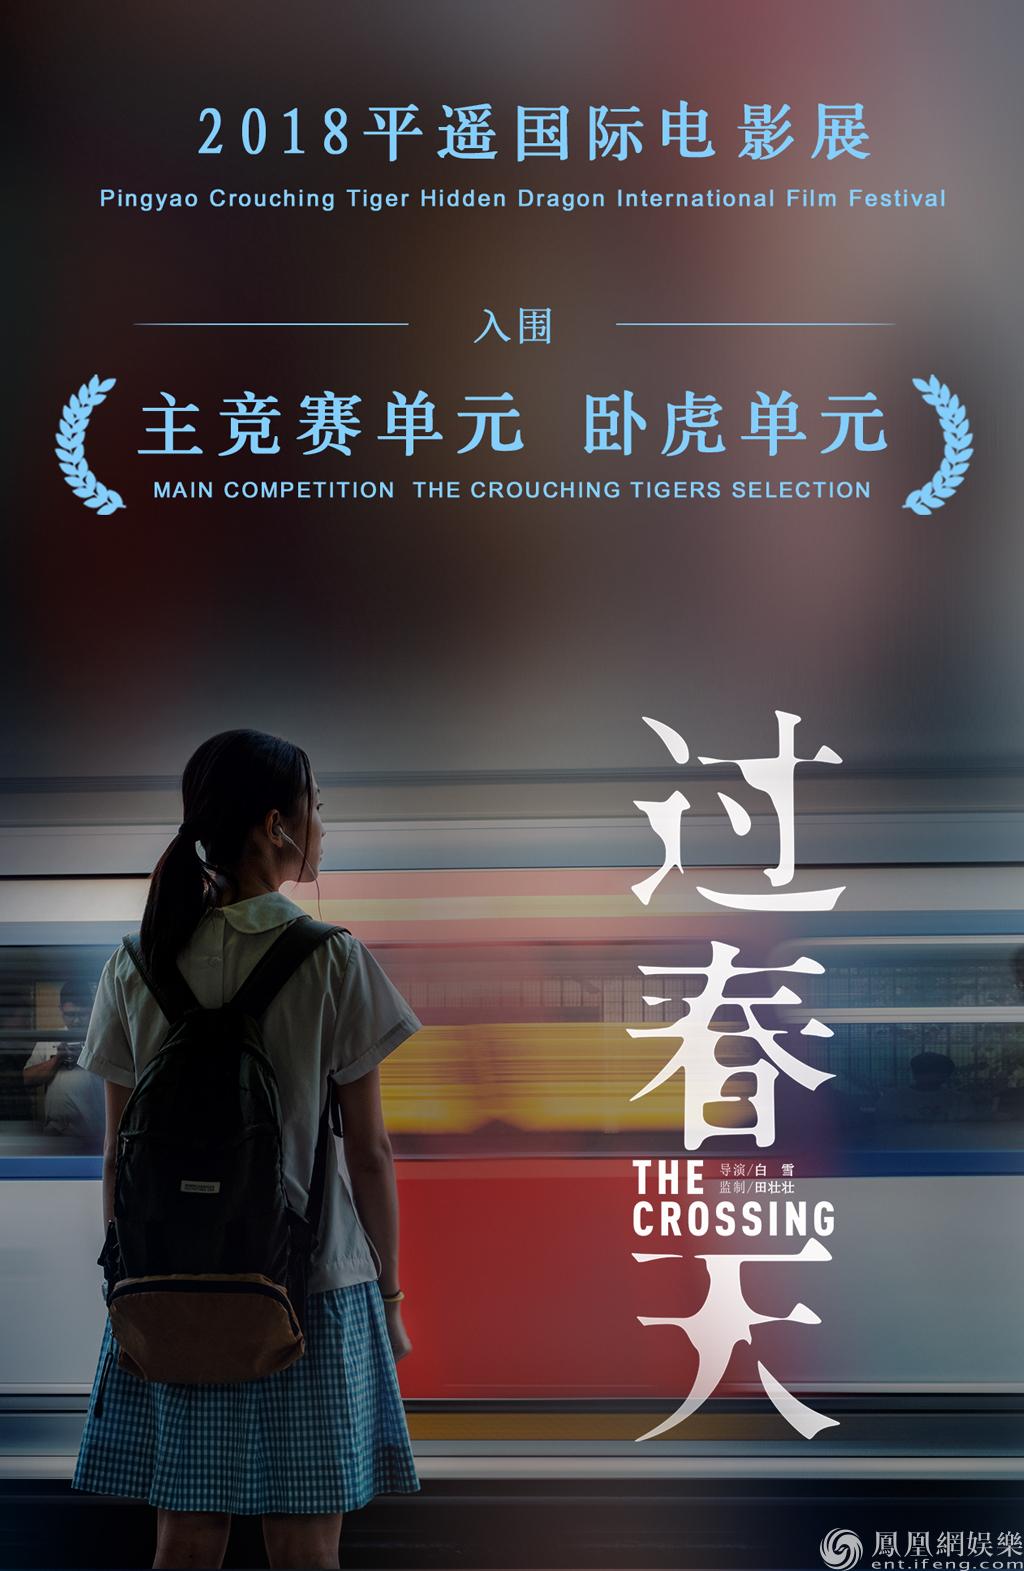 《过春天》入围平遥国际电影展 现实主义获国际青睐